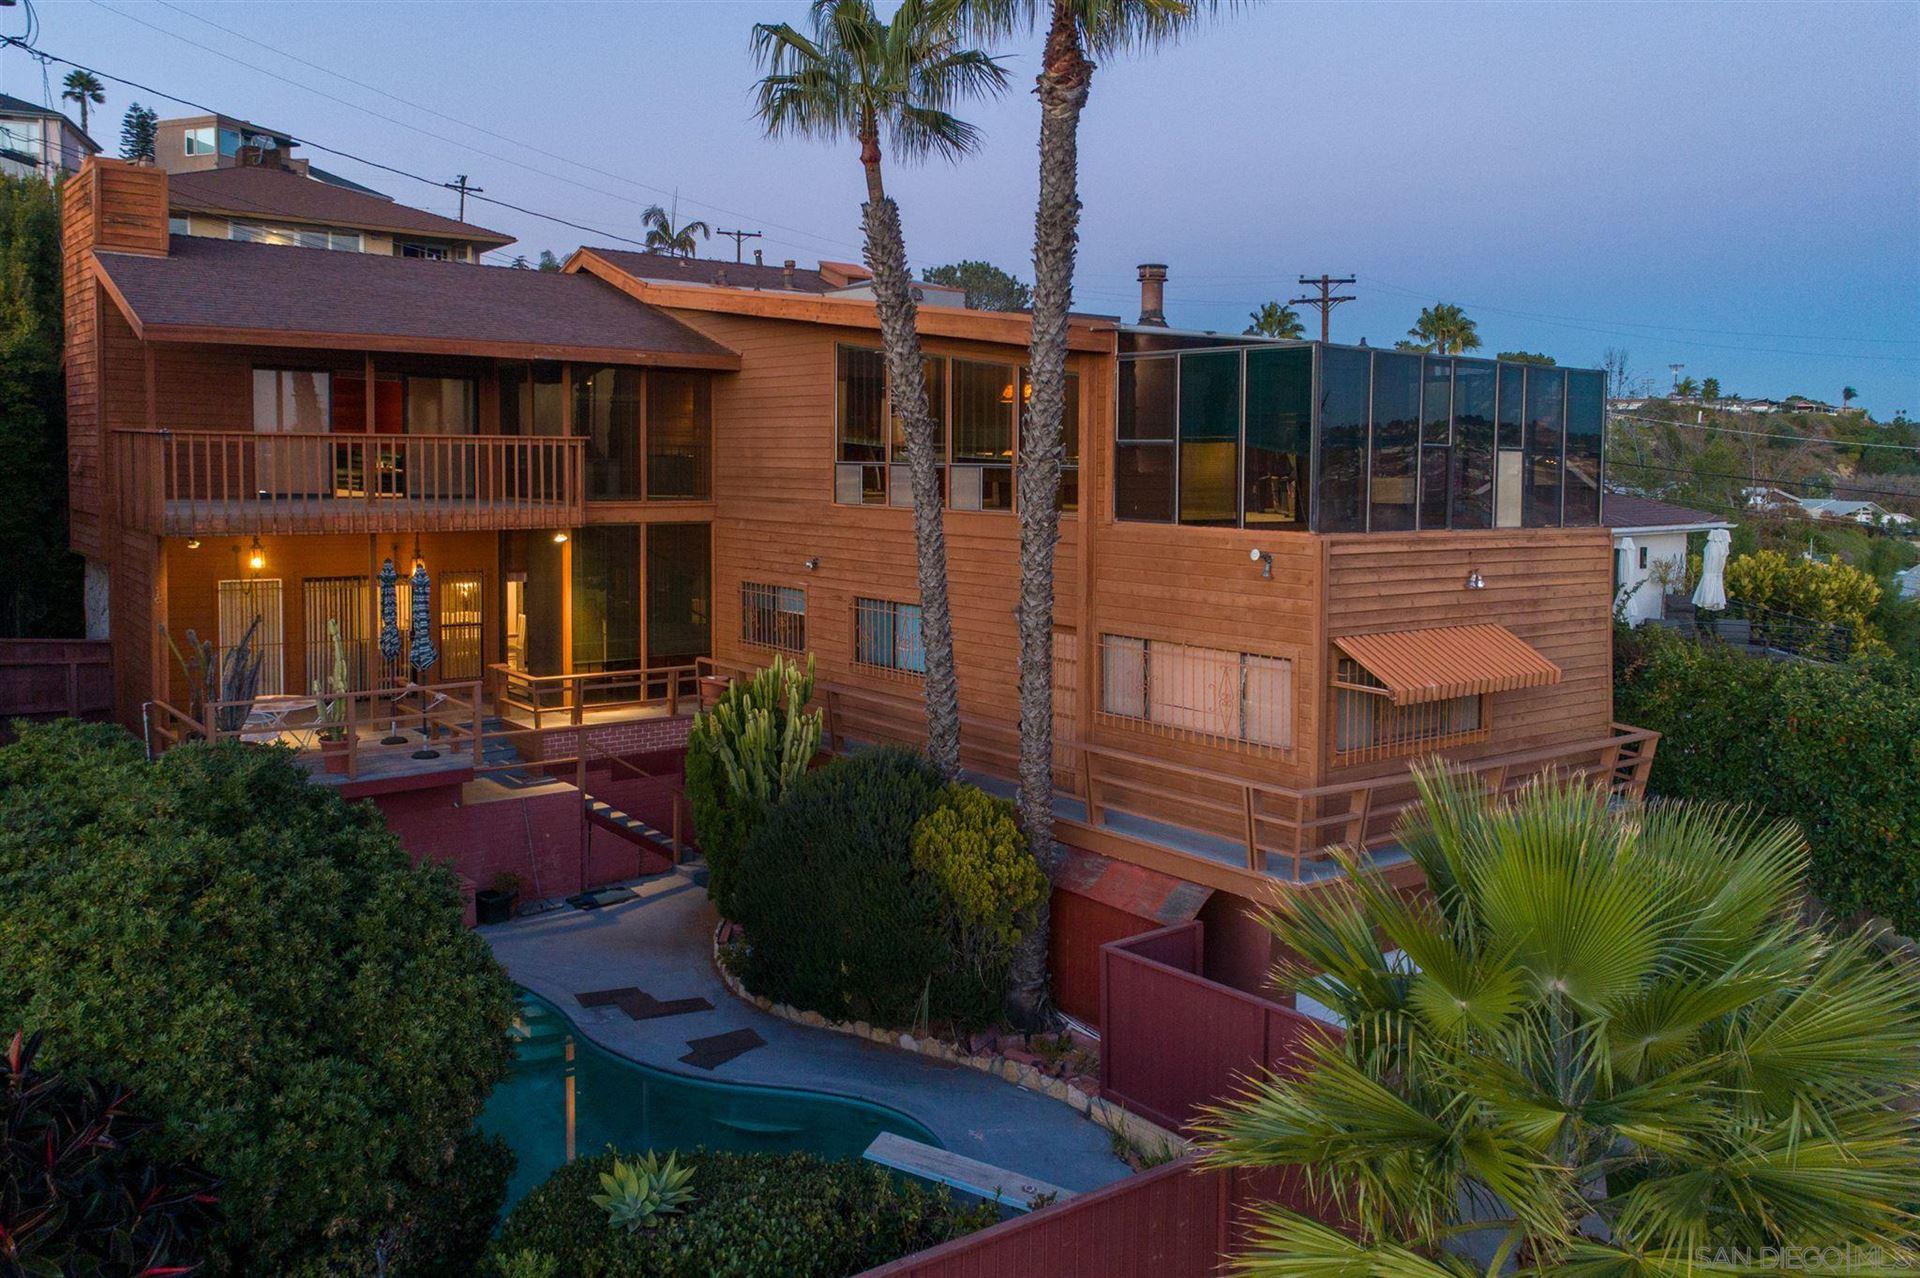 Photo of 2491 Wilbur Ave, San Diego, CA 92109 (MLS # 210001181)